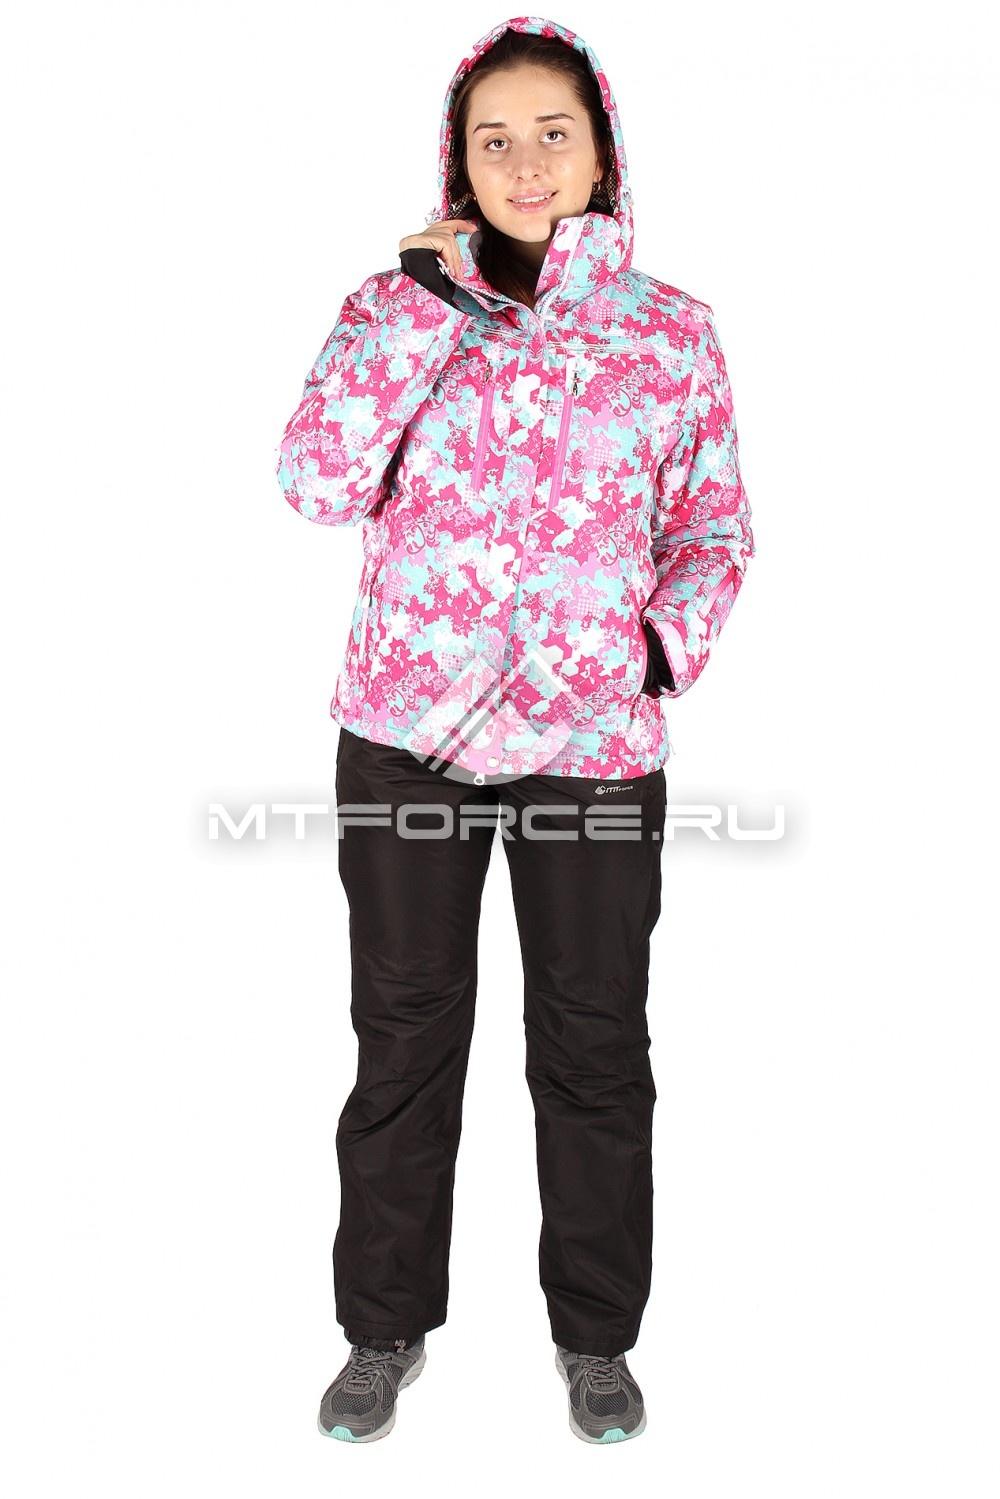 Купить                                  оптом Костюм горнолыжный женский розового цвета 01526-1R